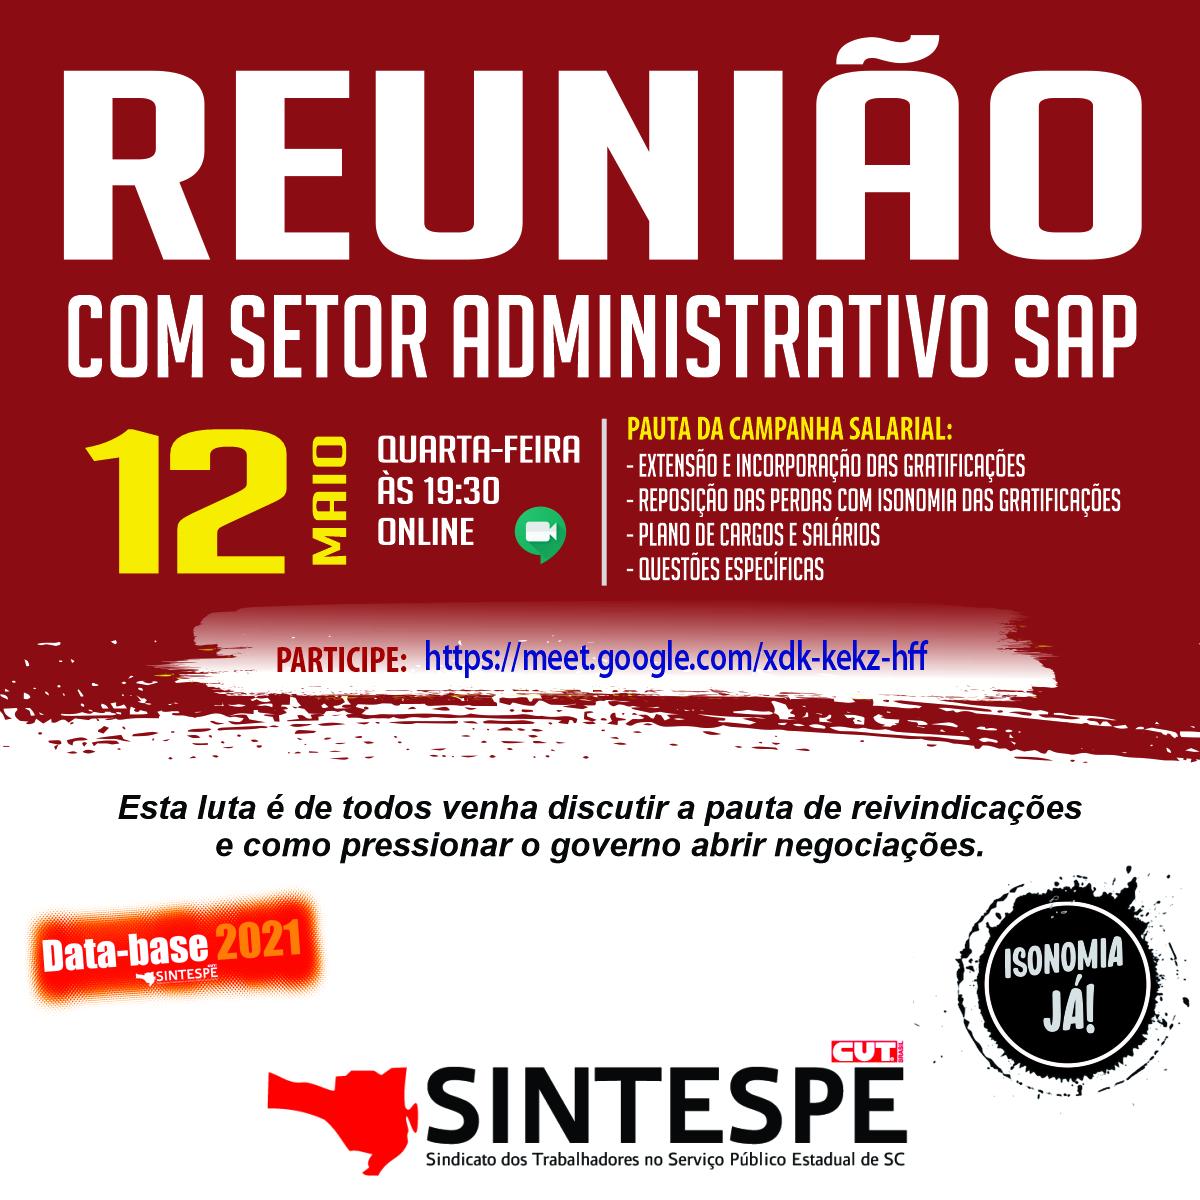 REUNIÃO COM SETOR ADMINISTRATIVO DA SAP